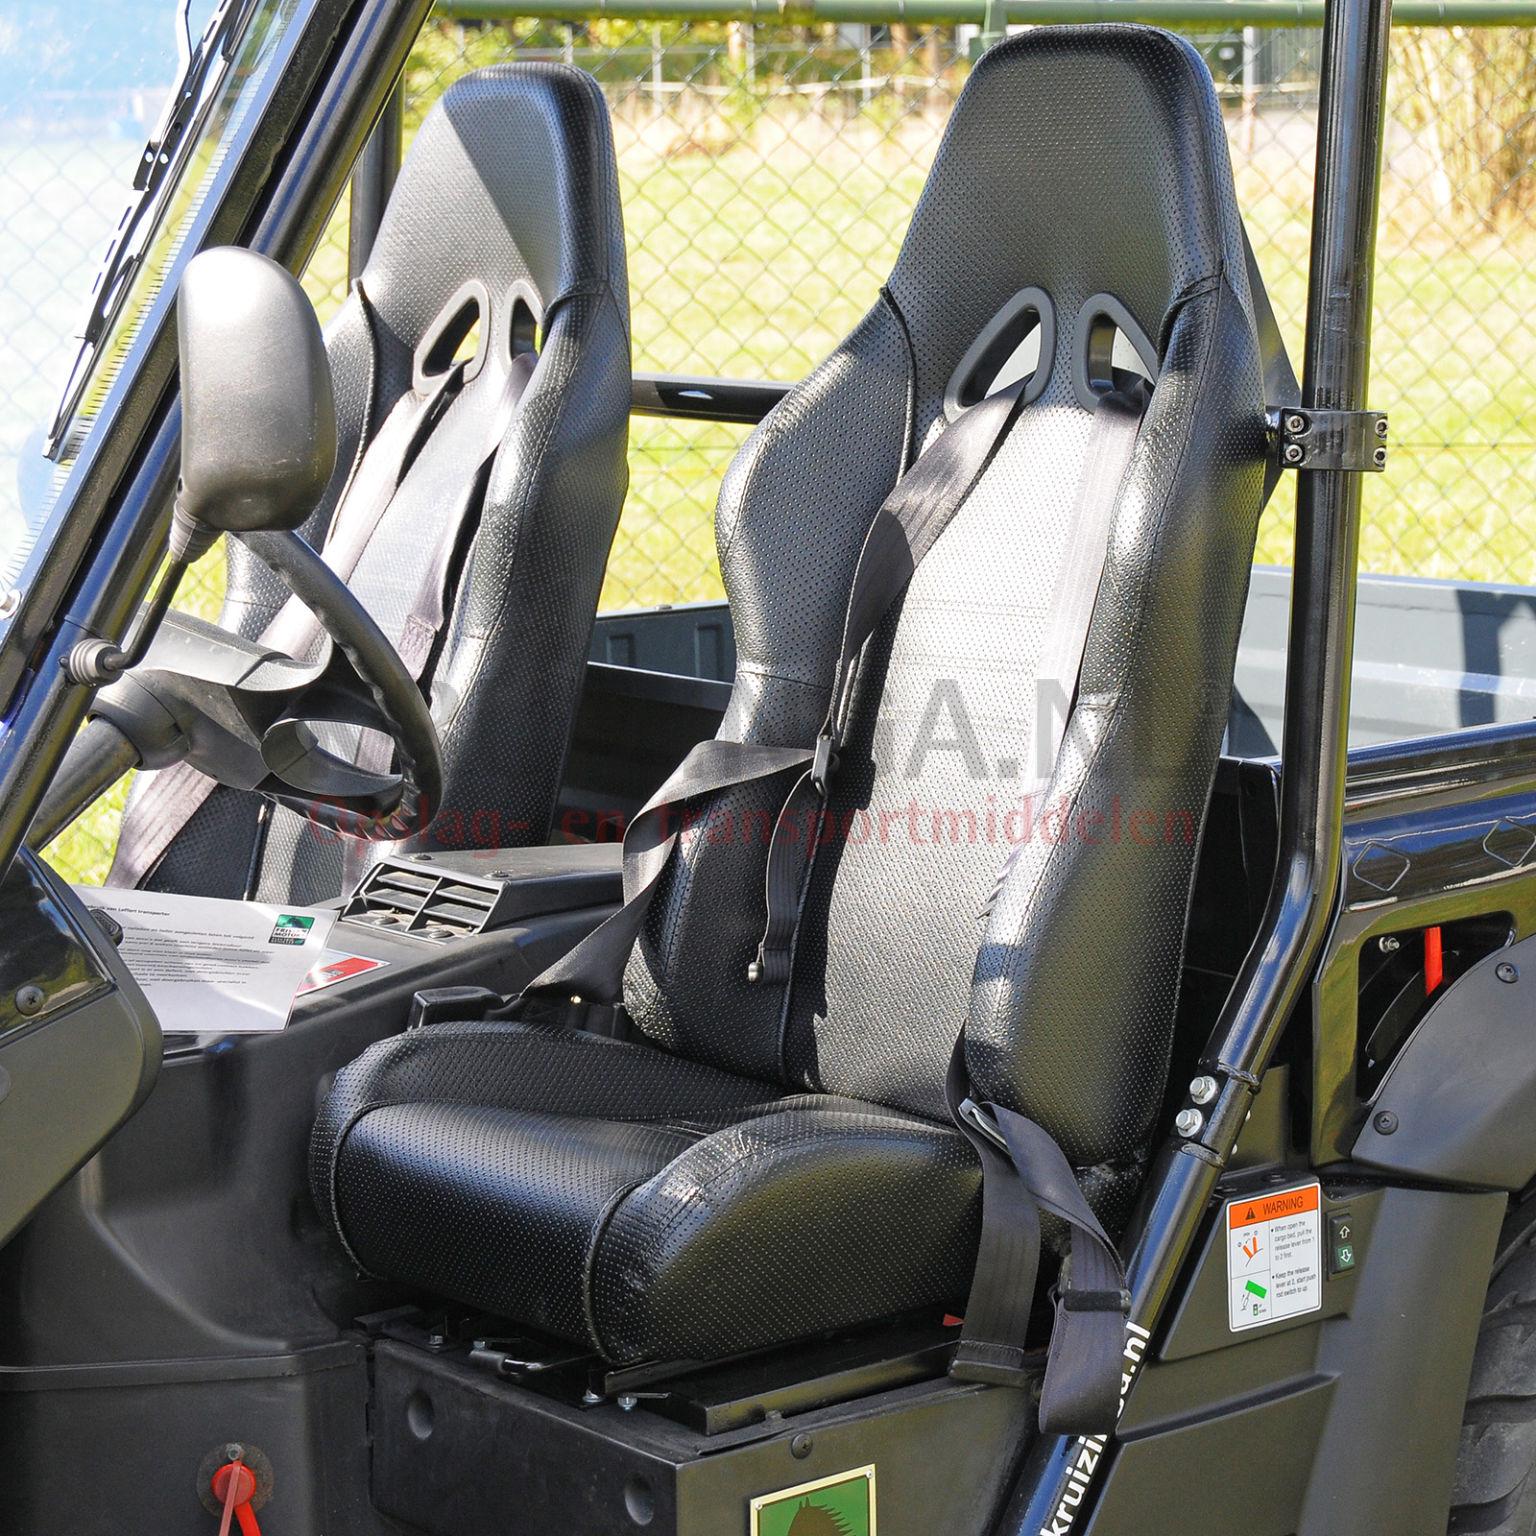 golfwagen frisian motors leffert fm 50 f r 2 personen mit ladefl che elektrisch gebraucht. Black Bedroom Furniture Sets. Home Design Ideas